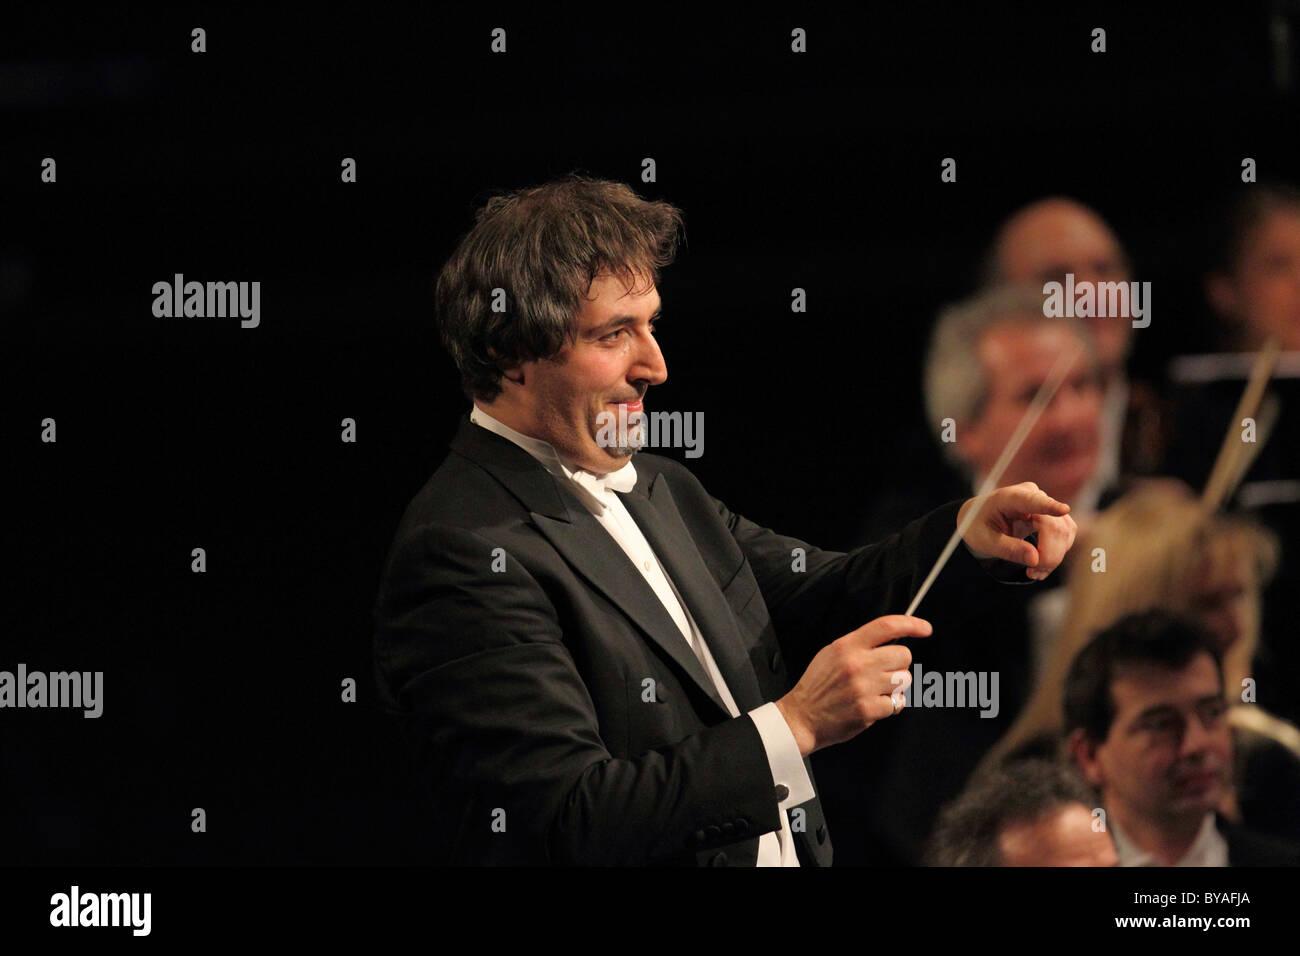 Daniel Raiskin, chief conductor of Staatsorchester Rheinische Philharmonie, a philharmonic orchestra, Koblenz - Stock Image